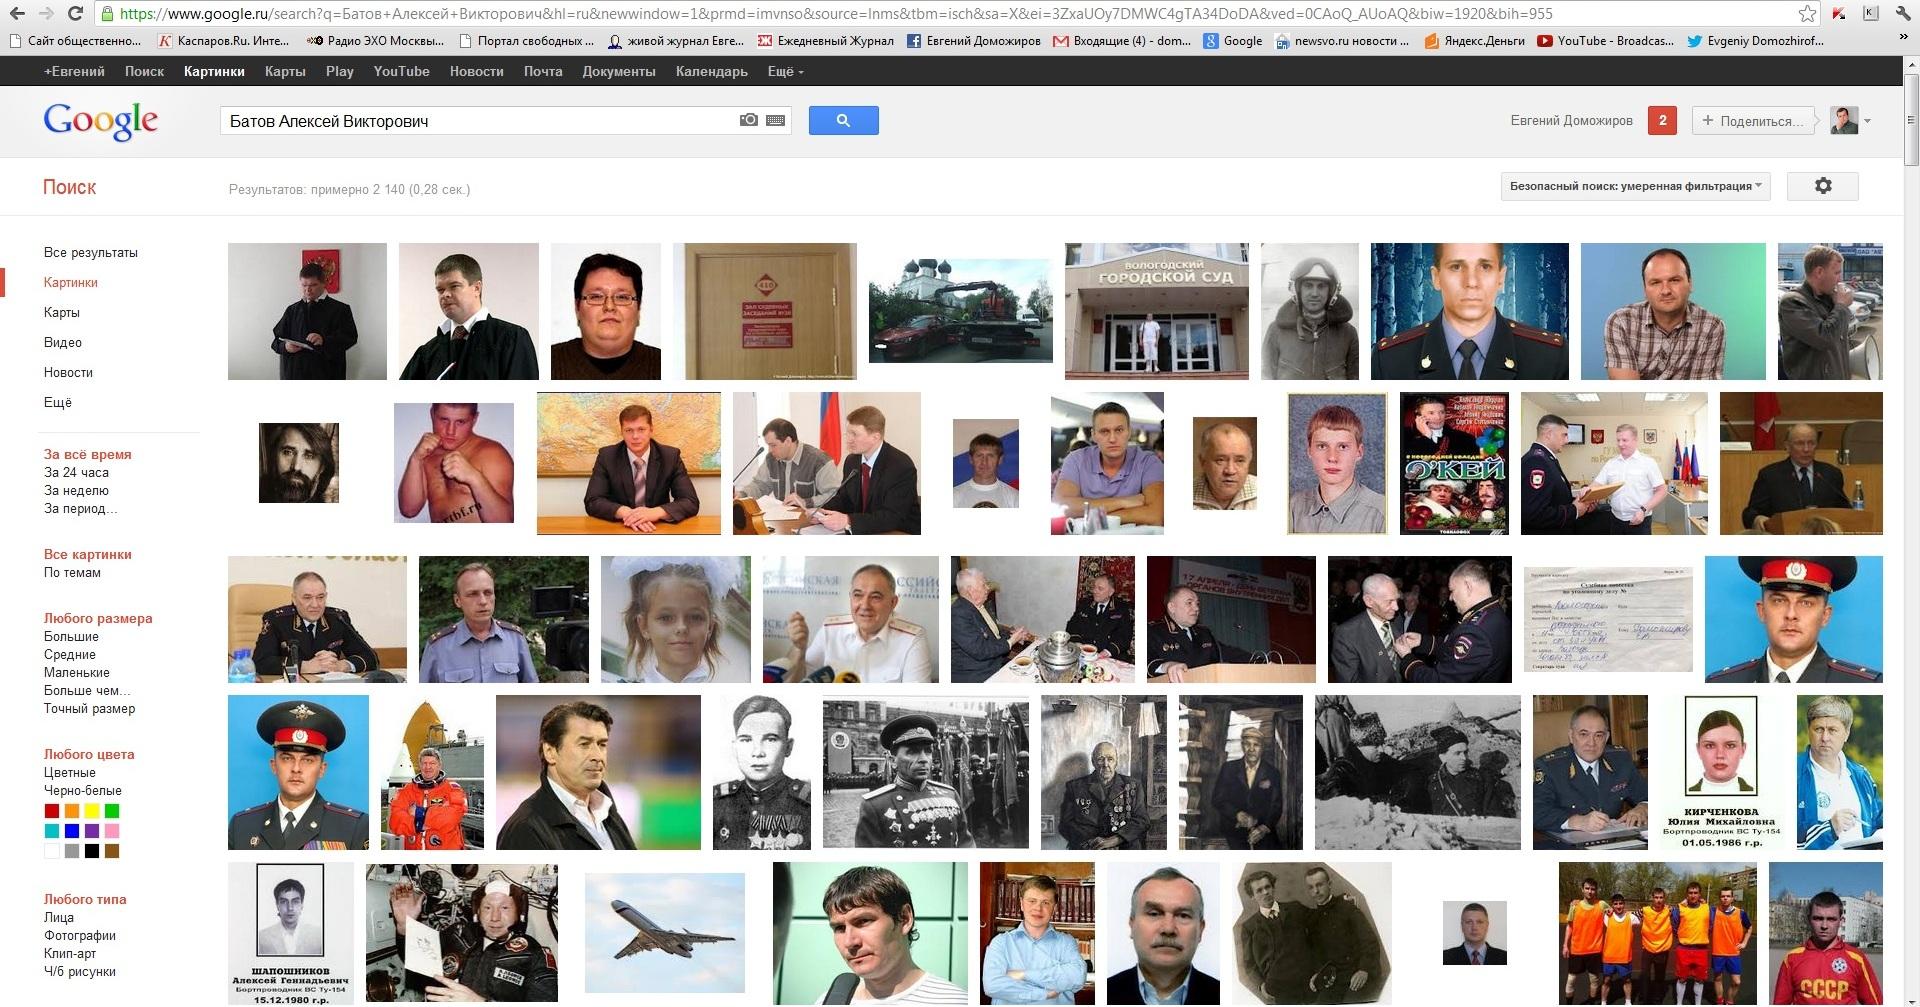 судья Вологодского городского суда Алексей Викторович Батов в картинках Google на 20-е сентября